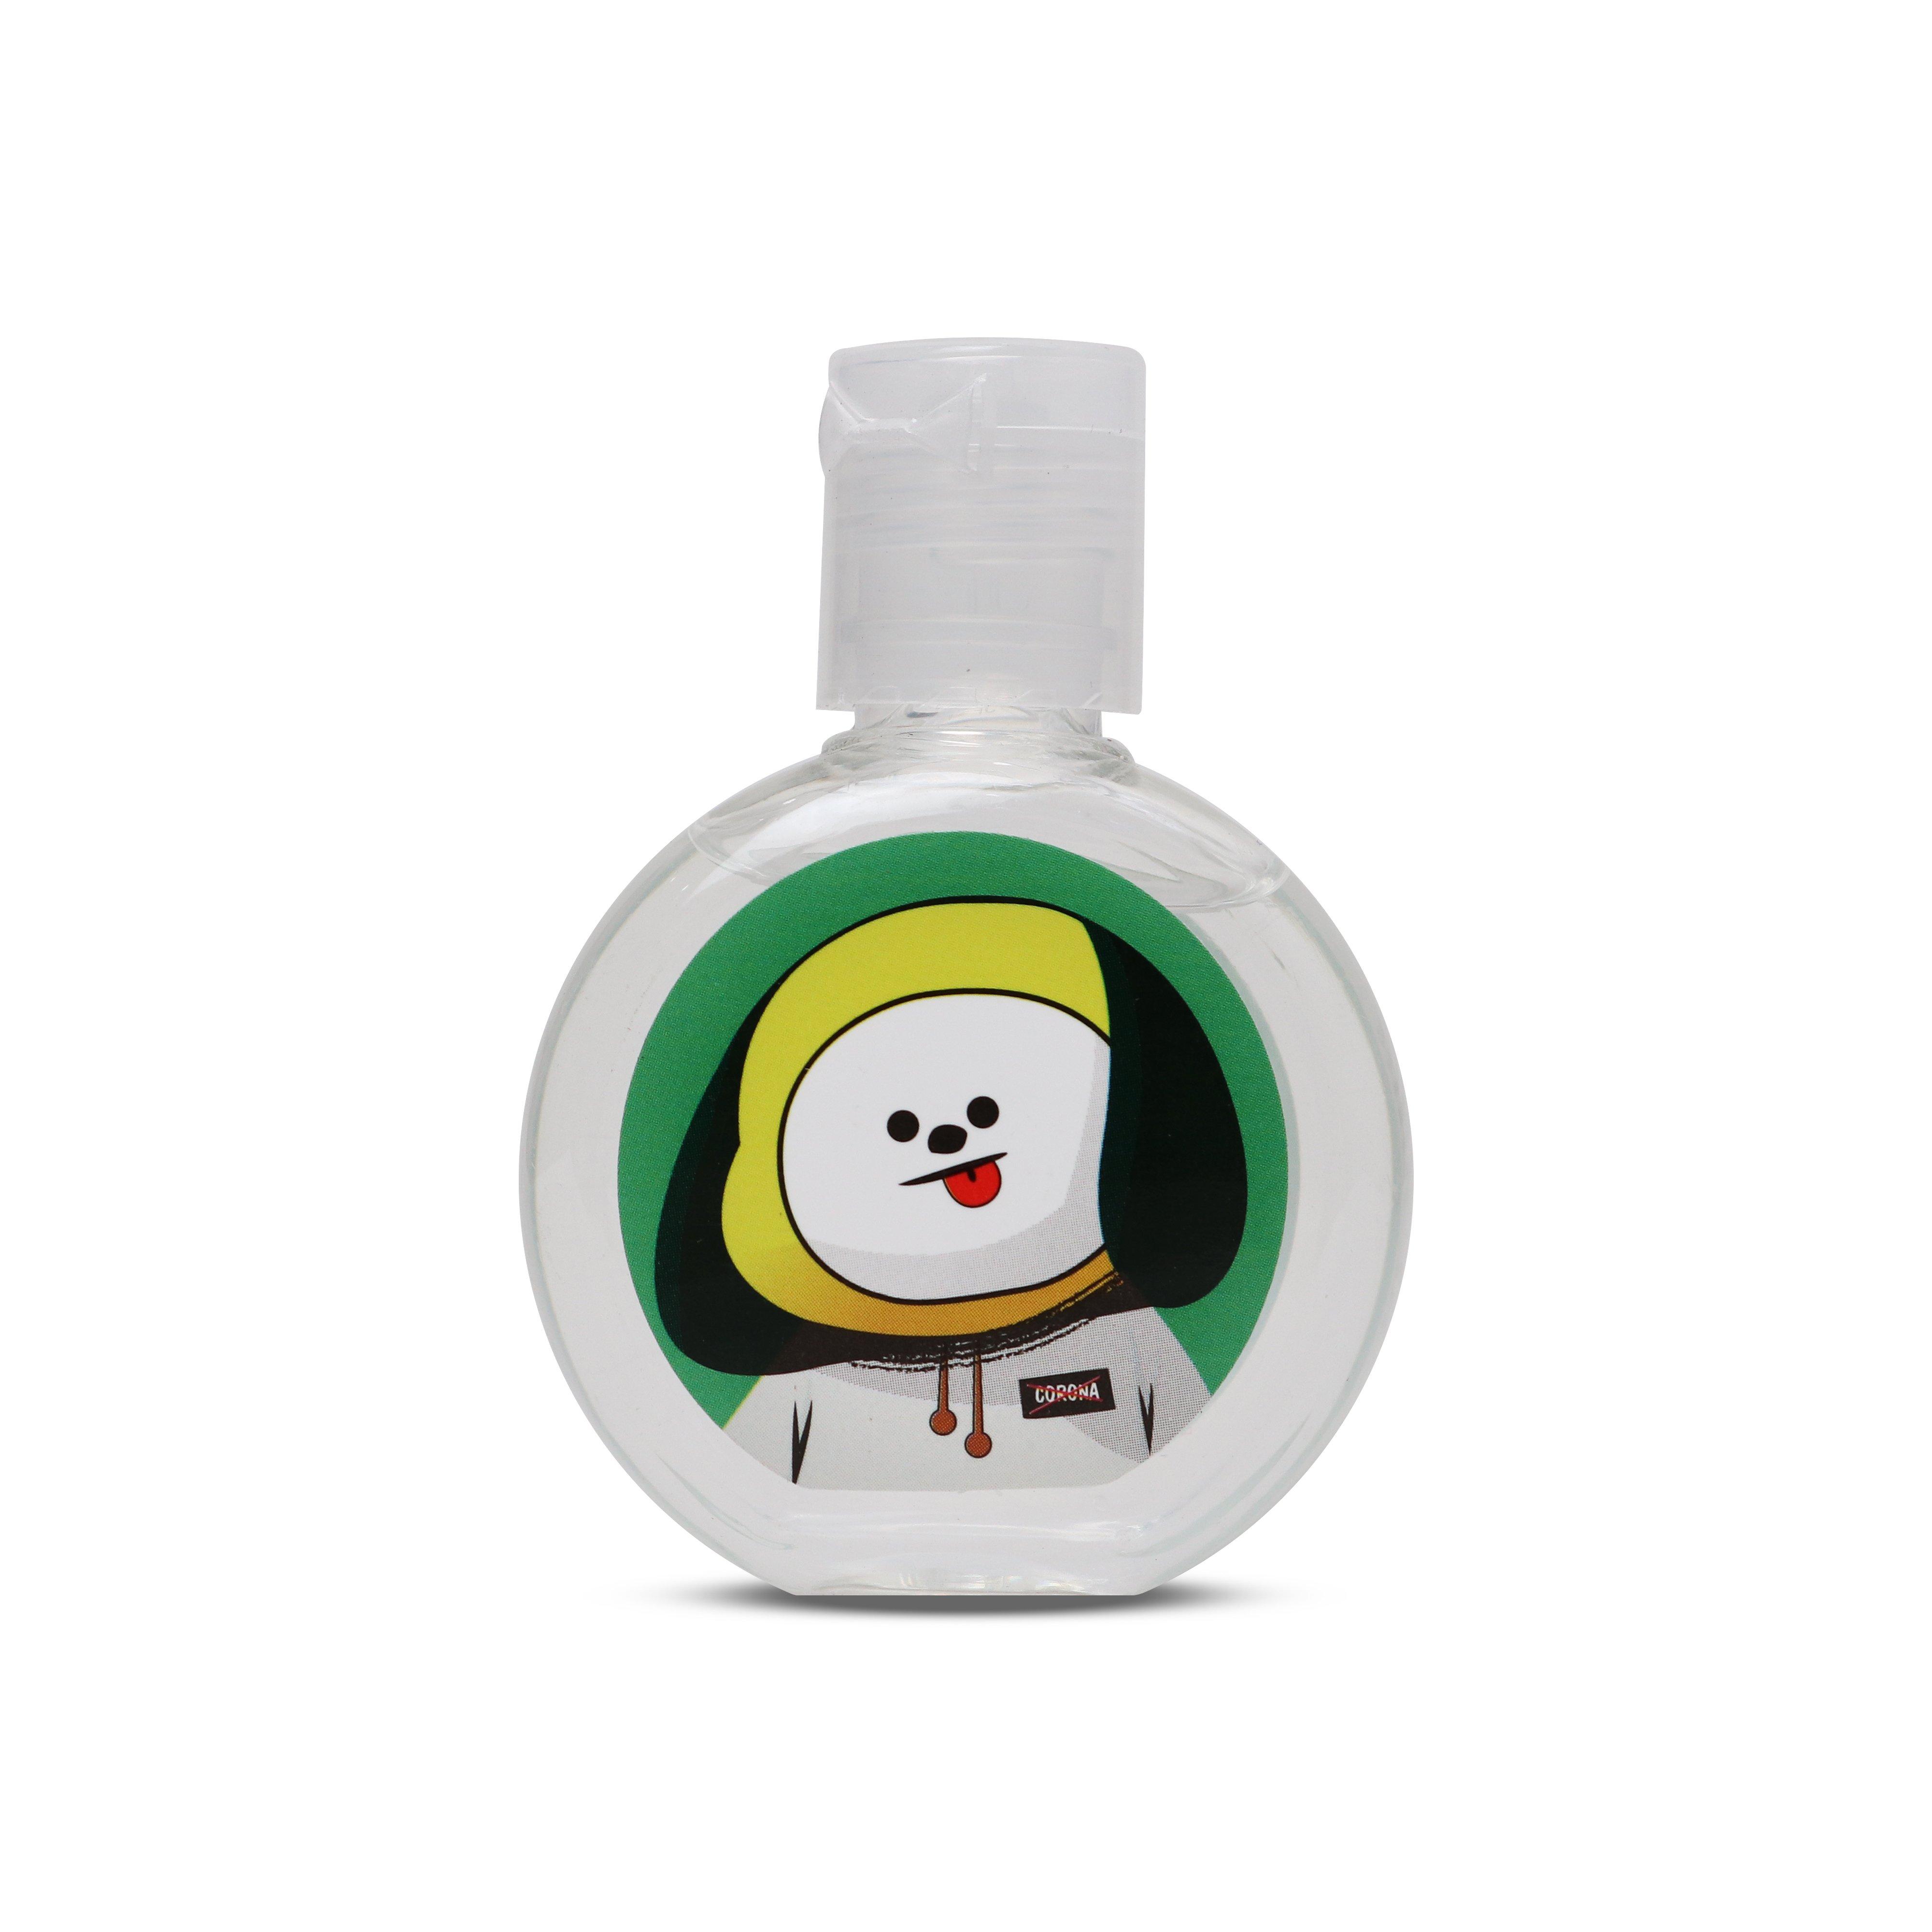 Sát khuẩn tay nhanh CLEANWEL NEW 30 ml chai tròn mẫu BTS